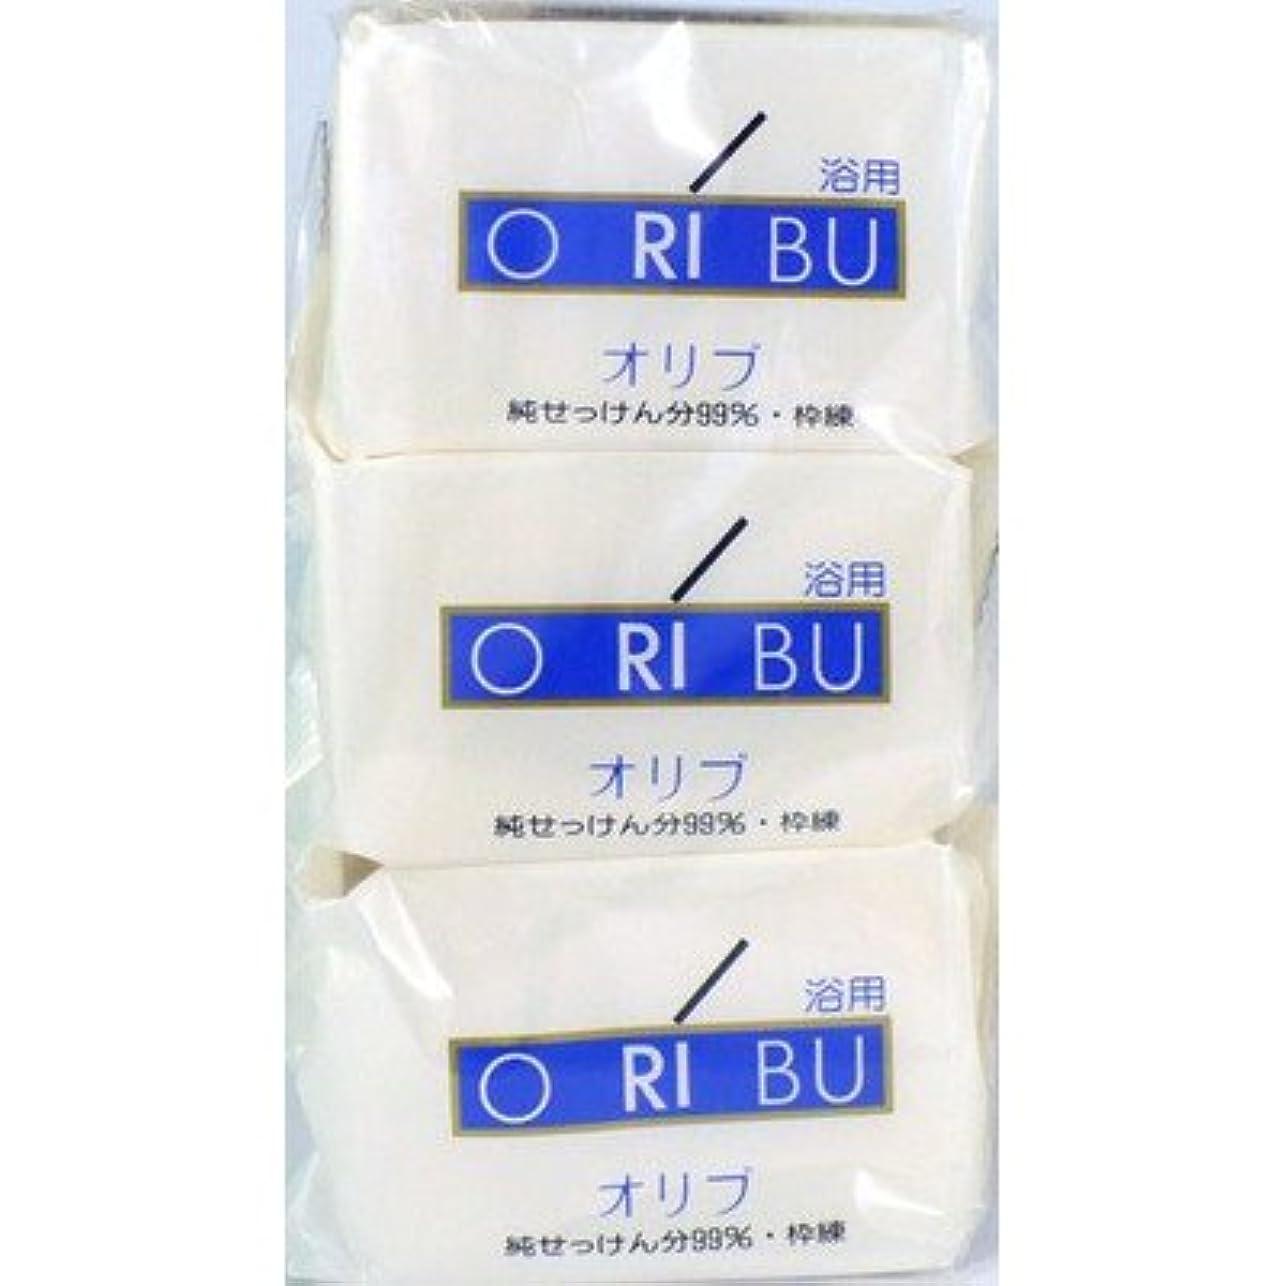 連結する優勢拍手暁石鹸 ORIBU オリブ 浴用石鹸 110g 3個入り